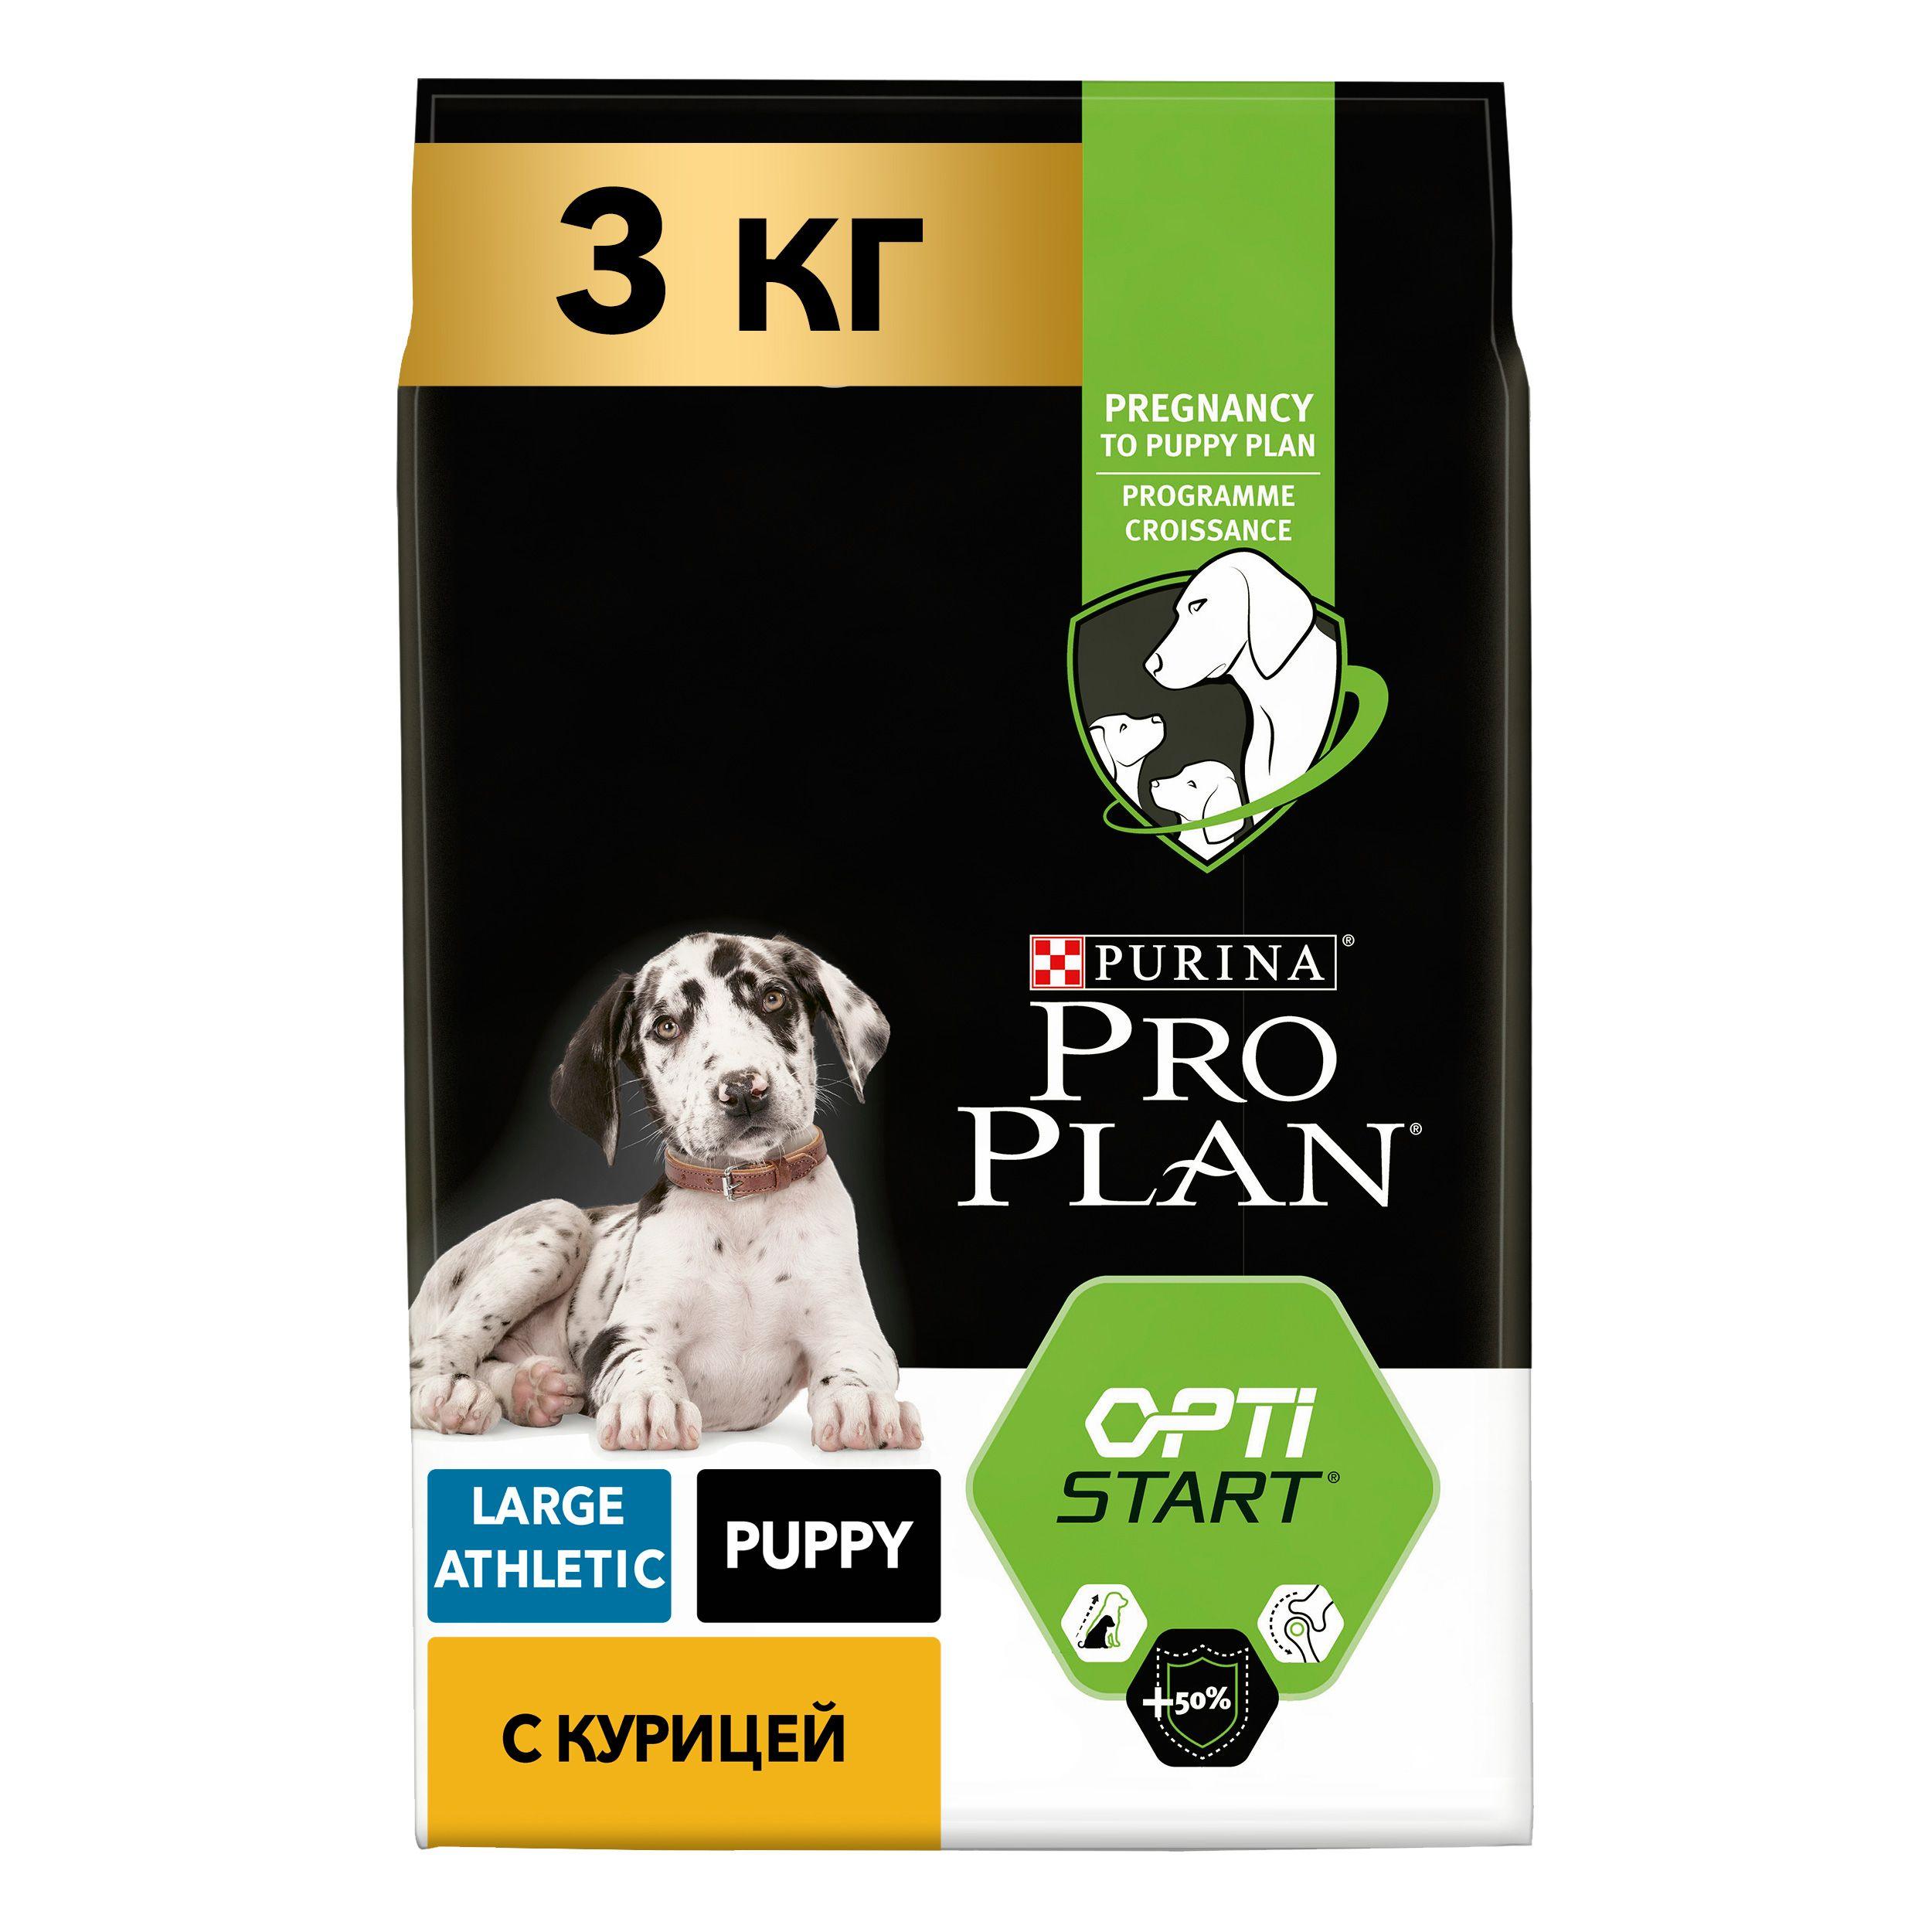 Сухой корм Pro Plan® для щенков крупных пород с атлетическим телосложением, курица с рисом, 3кг